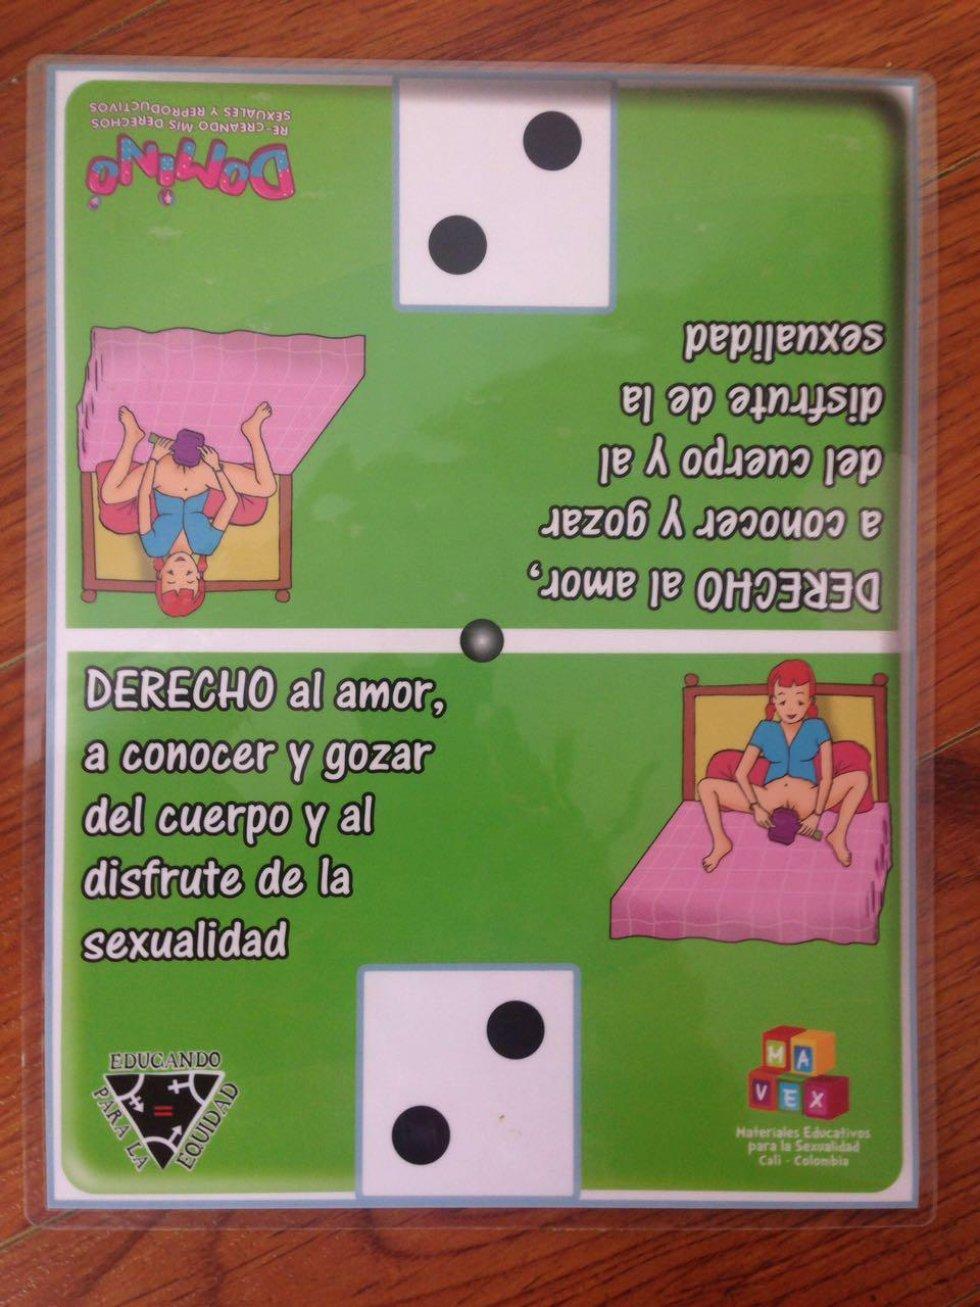 Contenido sexual explícito en unos elementos de un kit escolar generan descontento y polémica en Santa Marta.